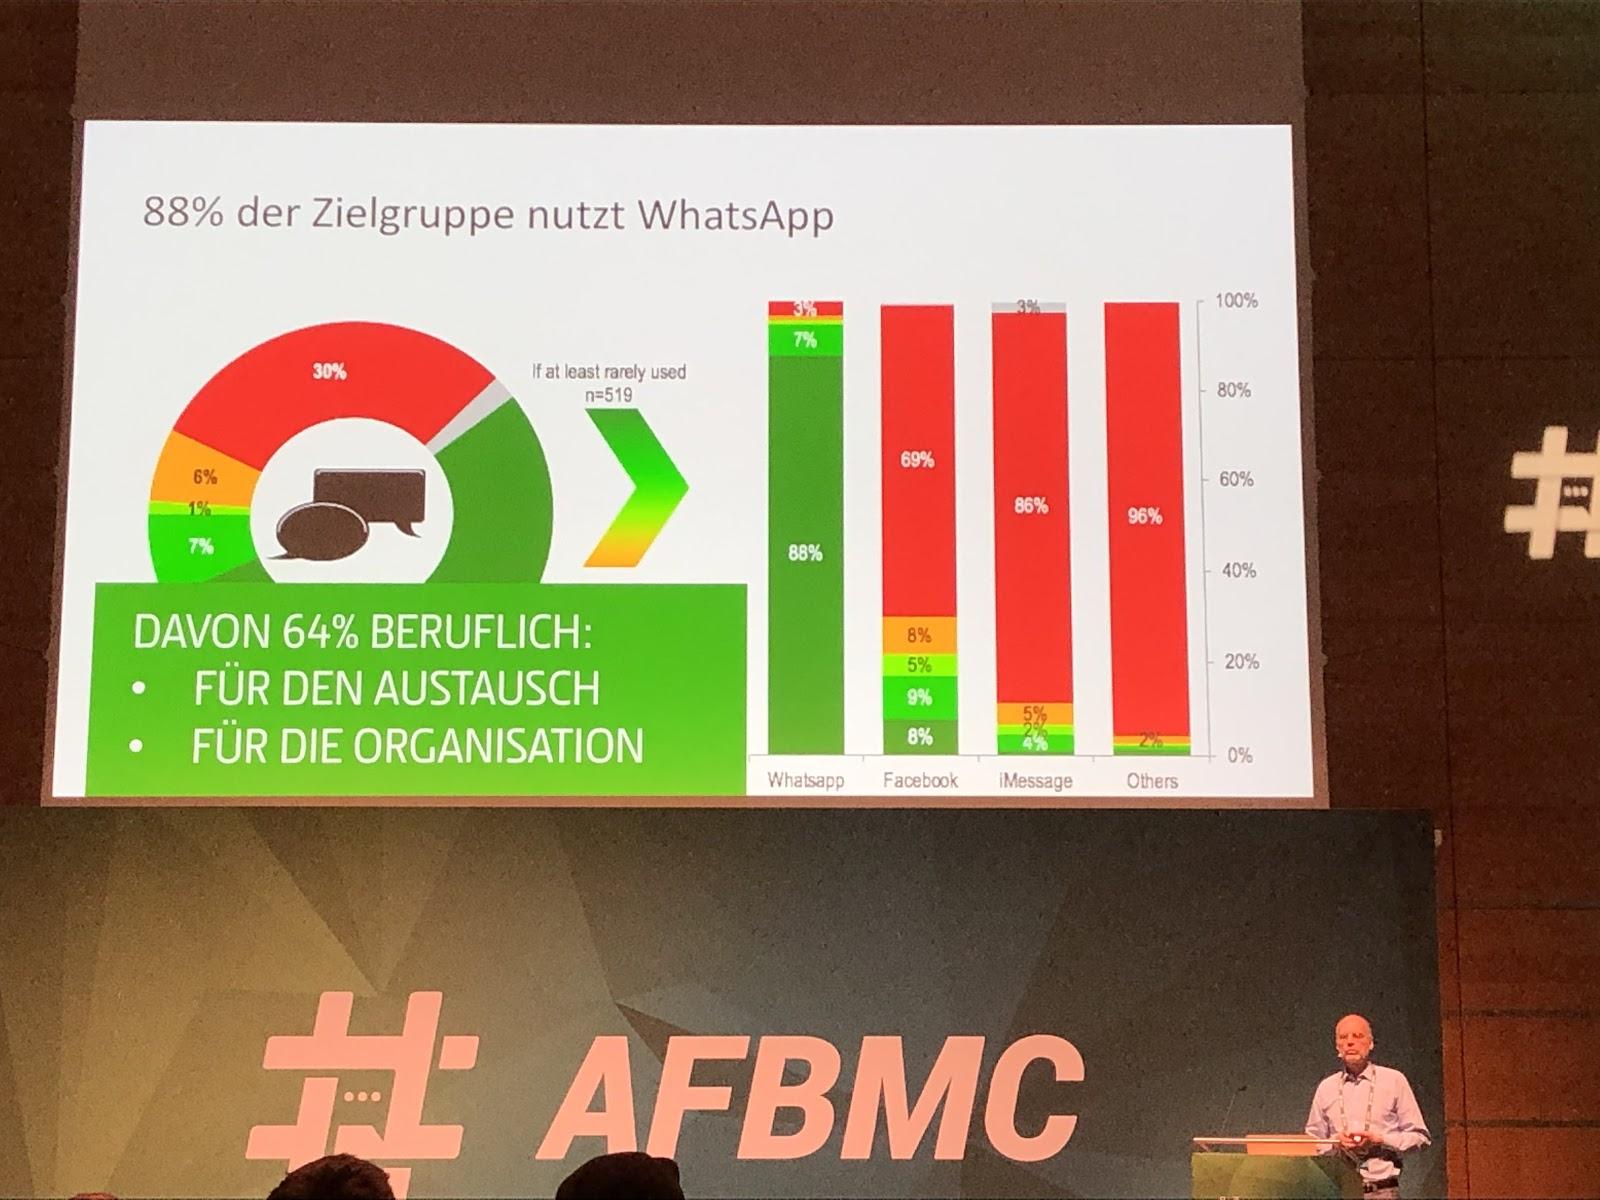 AFBMC WhatsApp Landwirtschaft John Deere